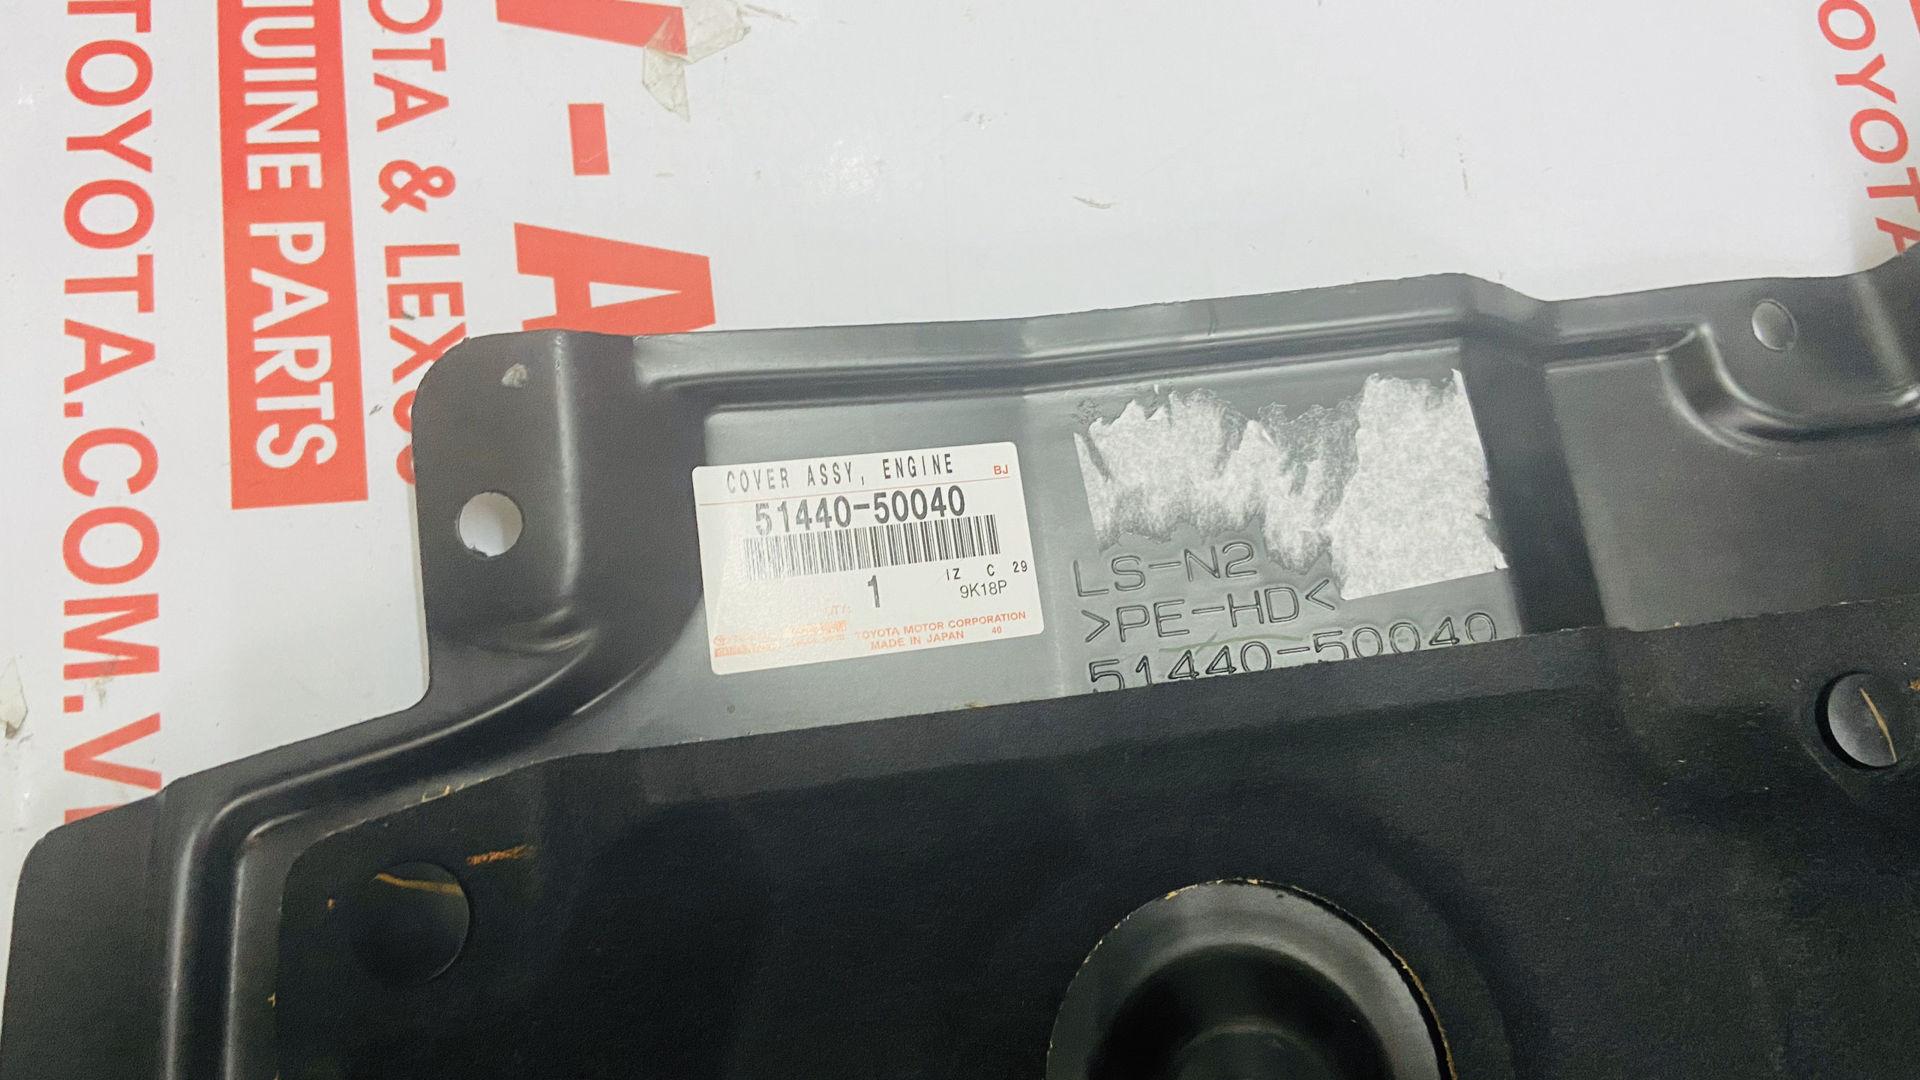 Picture of 51440-50040 Chắn bùn gầm máy Lexus LS460 chính hãng